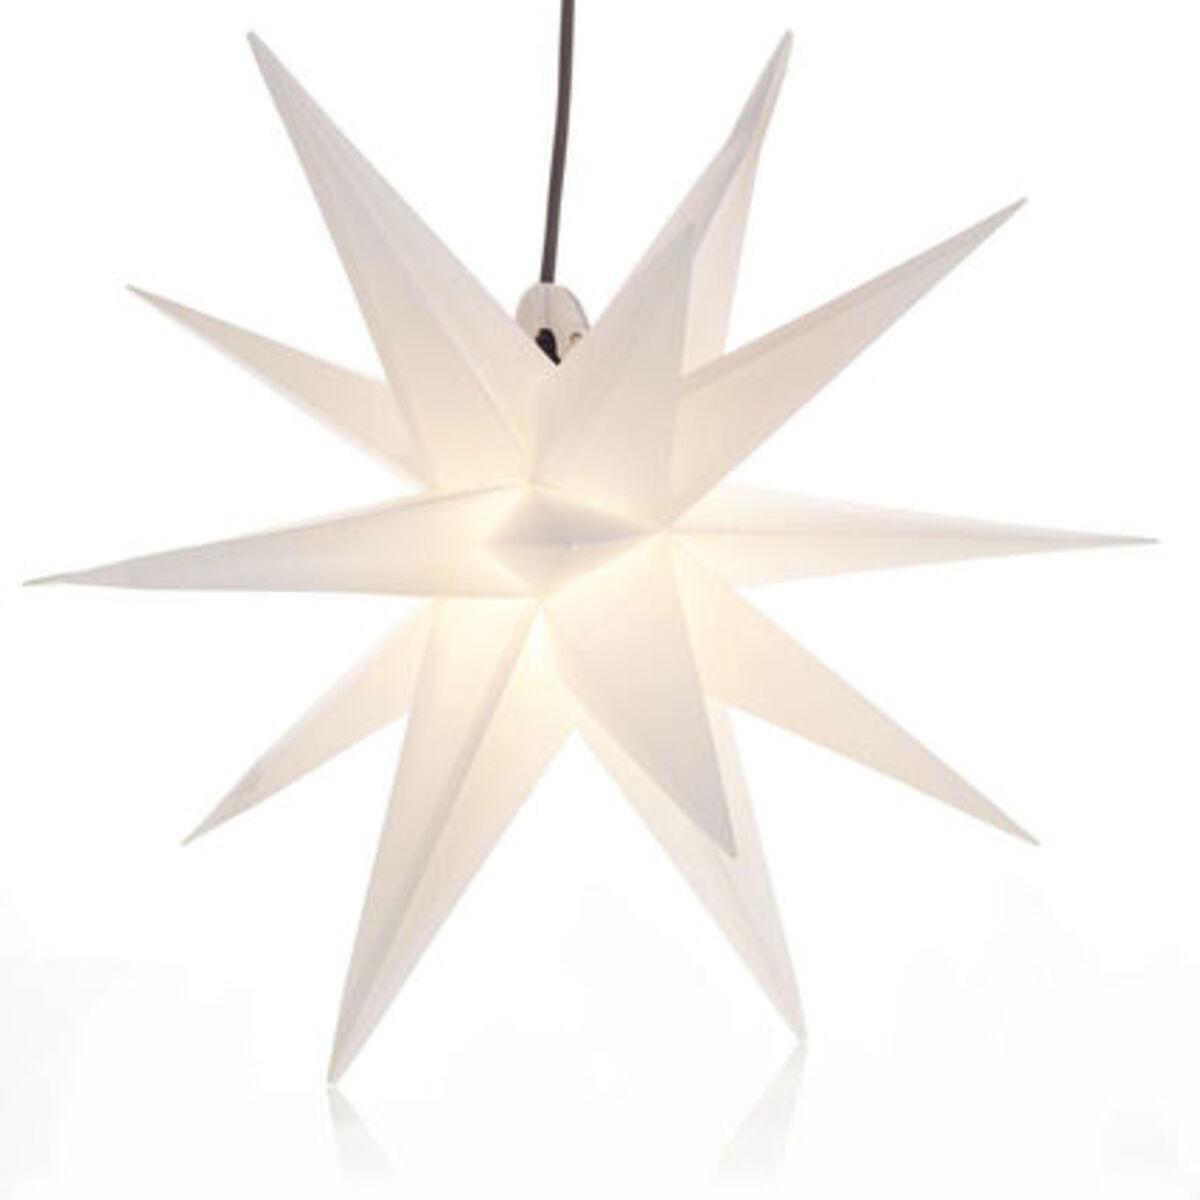 Bild 1 von Yorn Home Outdoor-Leuchtstern, Weiß, Ø 50 cm, weiß